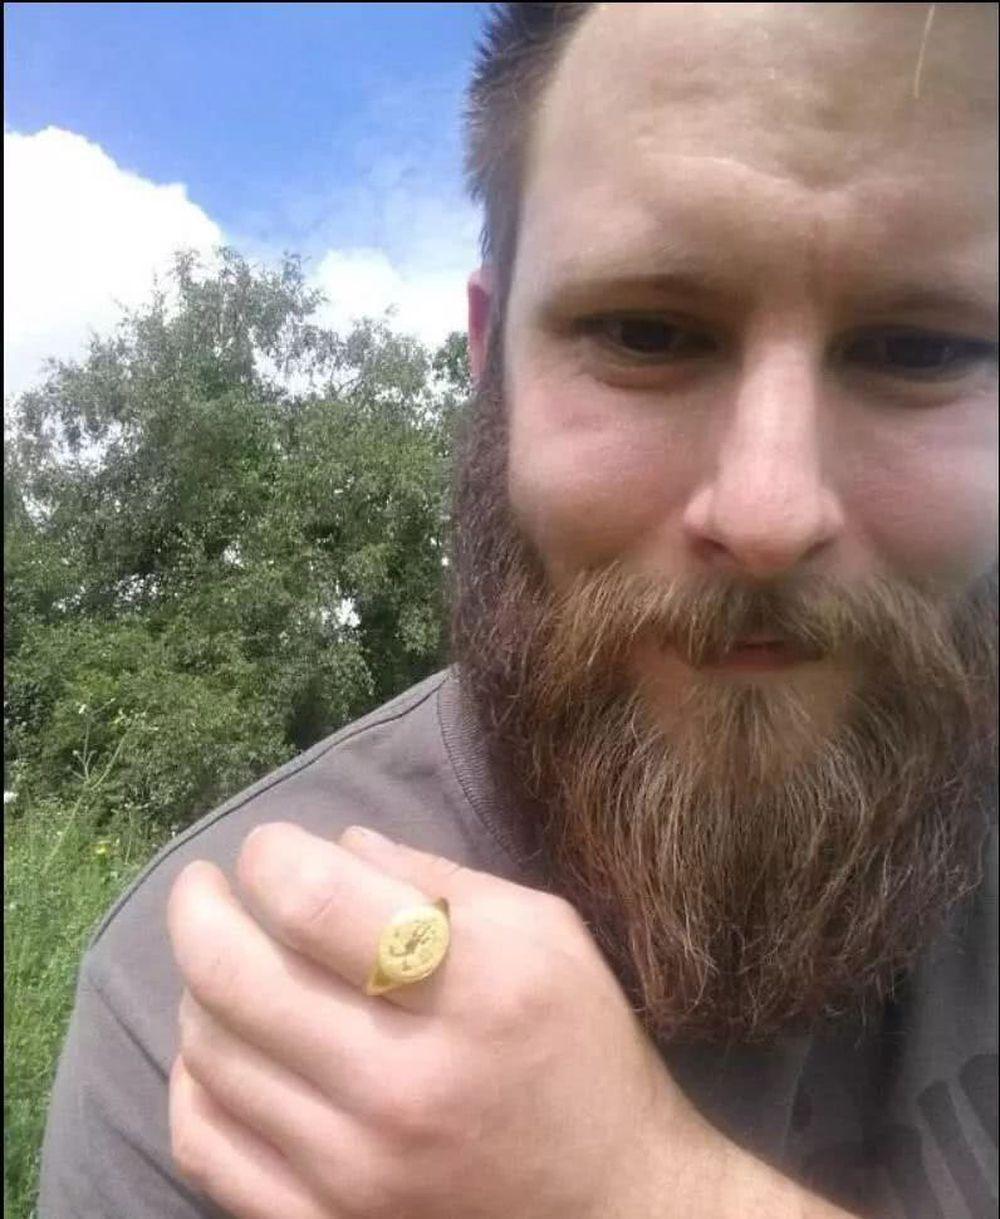 Một anh chàng đào được chiếc nhẫn vàng niên đại 400 năm rất quý giá: Tuyệt nhiên không bảo tàng nào dám trưng bày - Vì sao? - Ảnh 5.